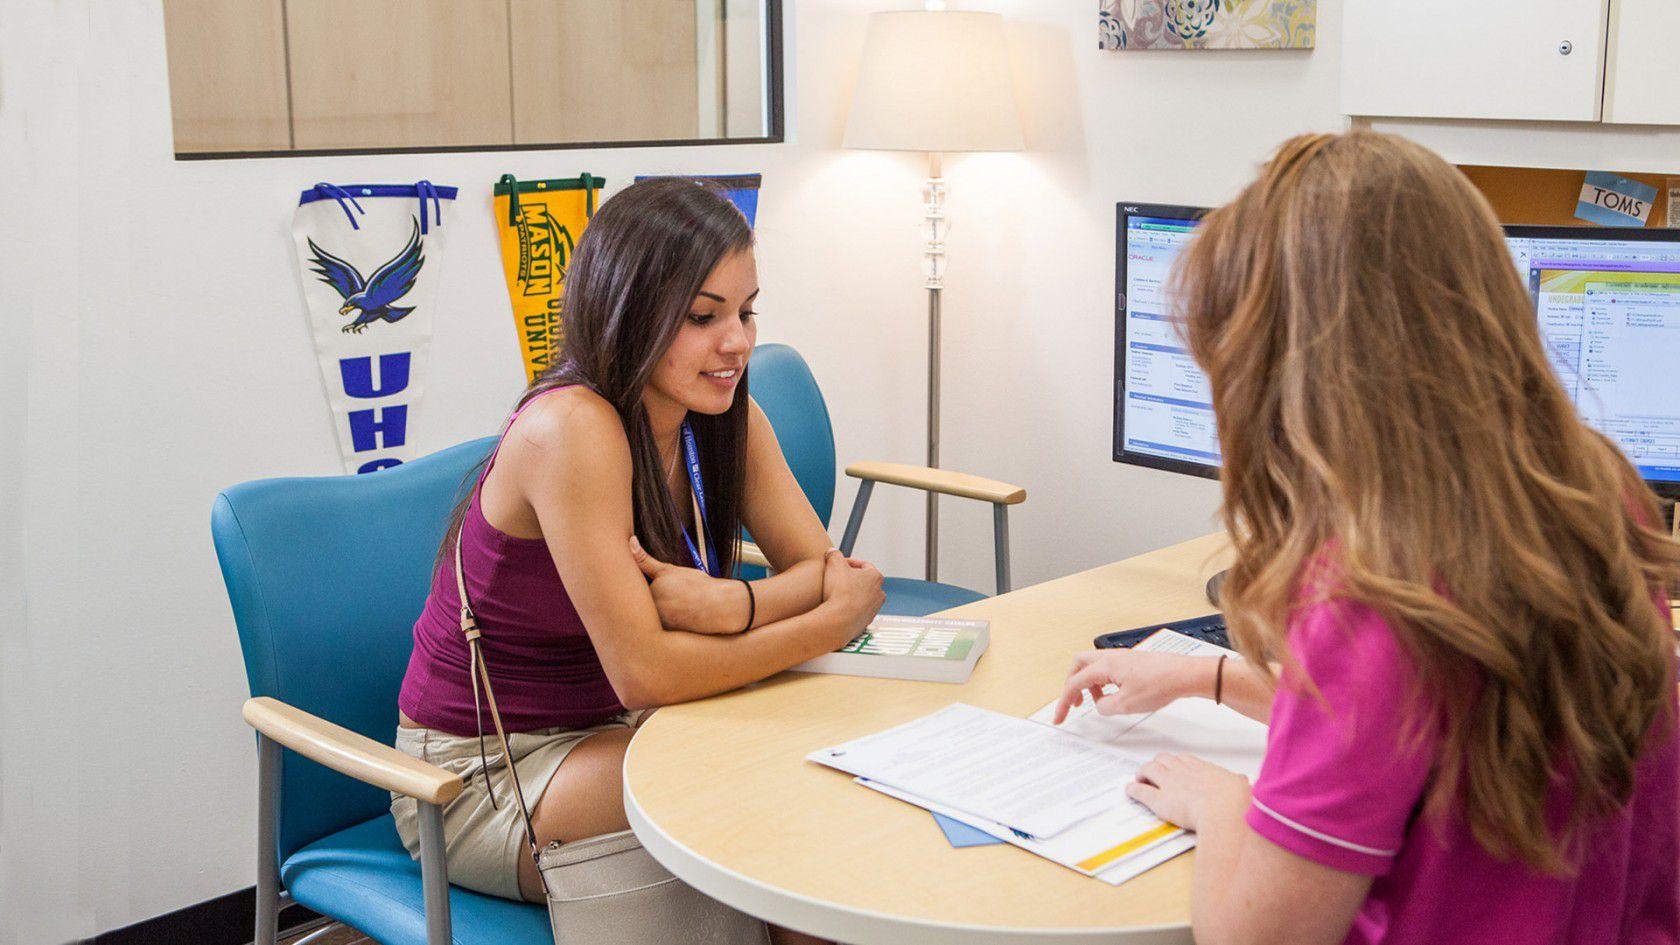 Hedef Odaklı Özel SAT Derslerinin Avantajları